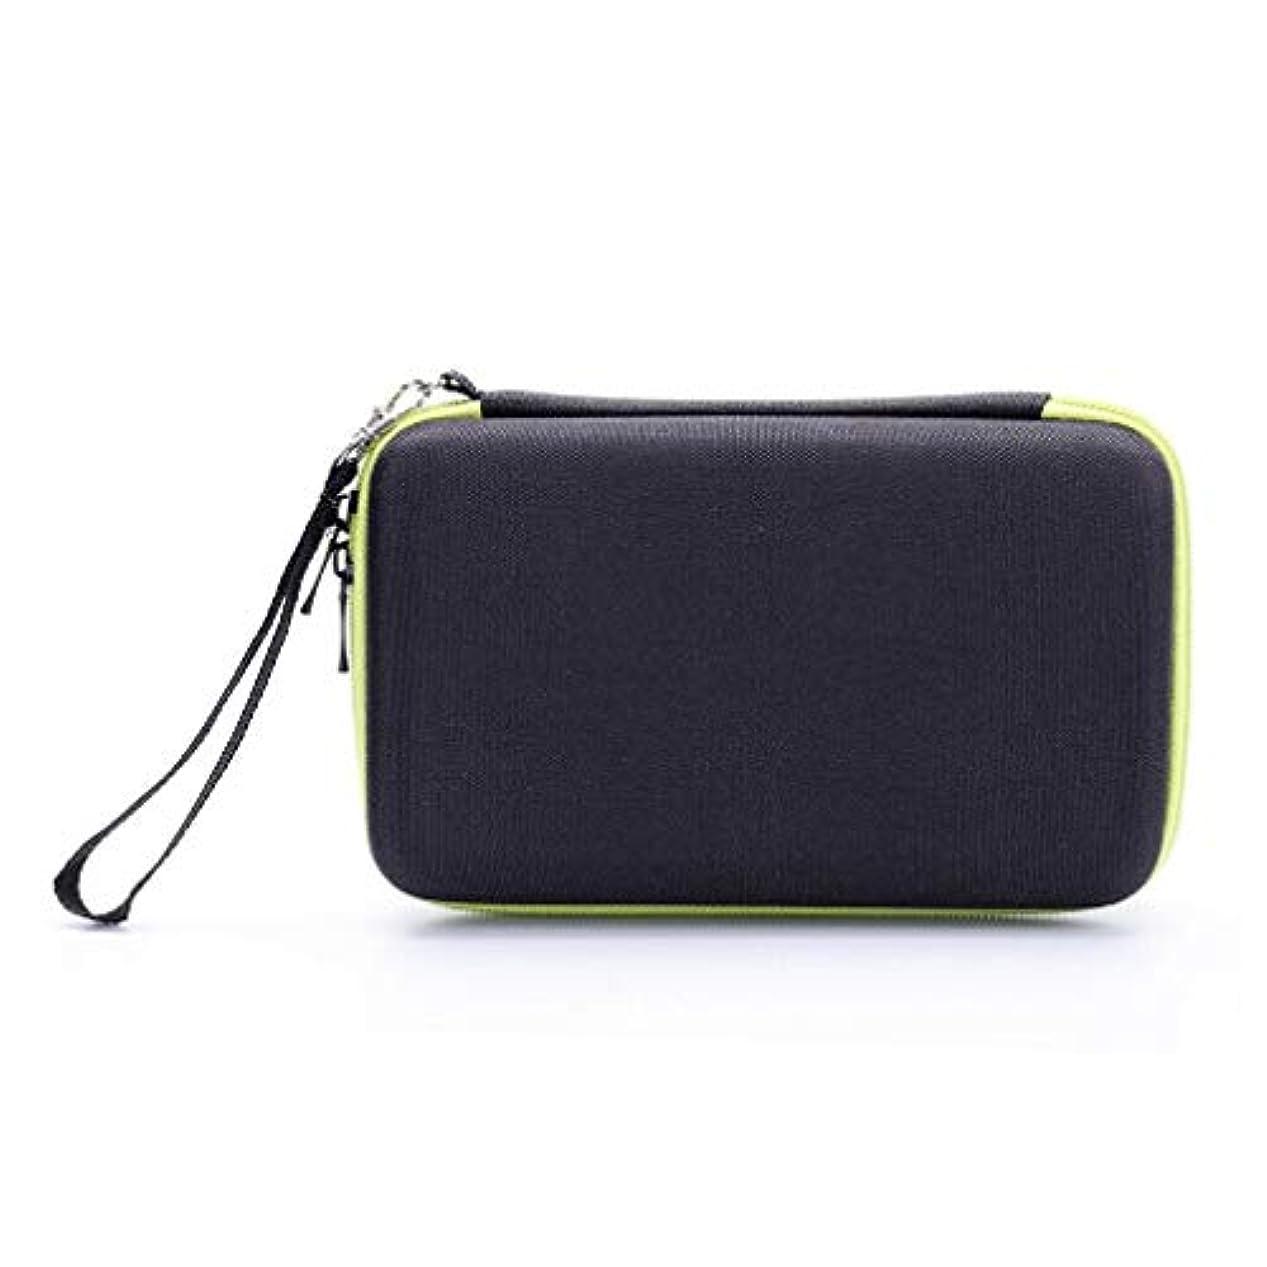 エラートレイルワームフィリップスブレードトラベルボックスポータブルカバーケースバッグおしゃれなシンプルな落下防止のための圧縮耐性で高度にタフ